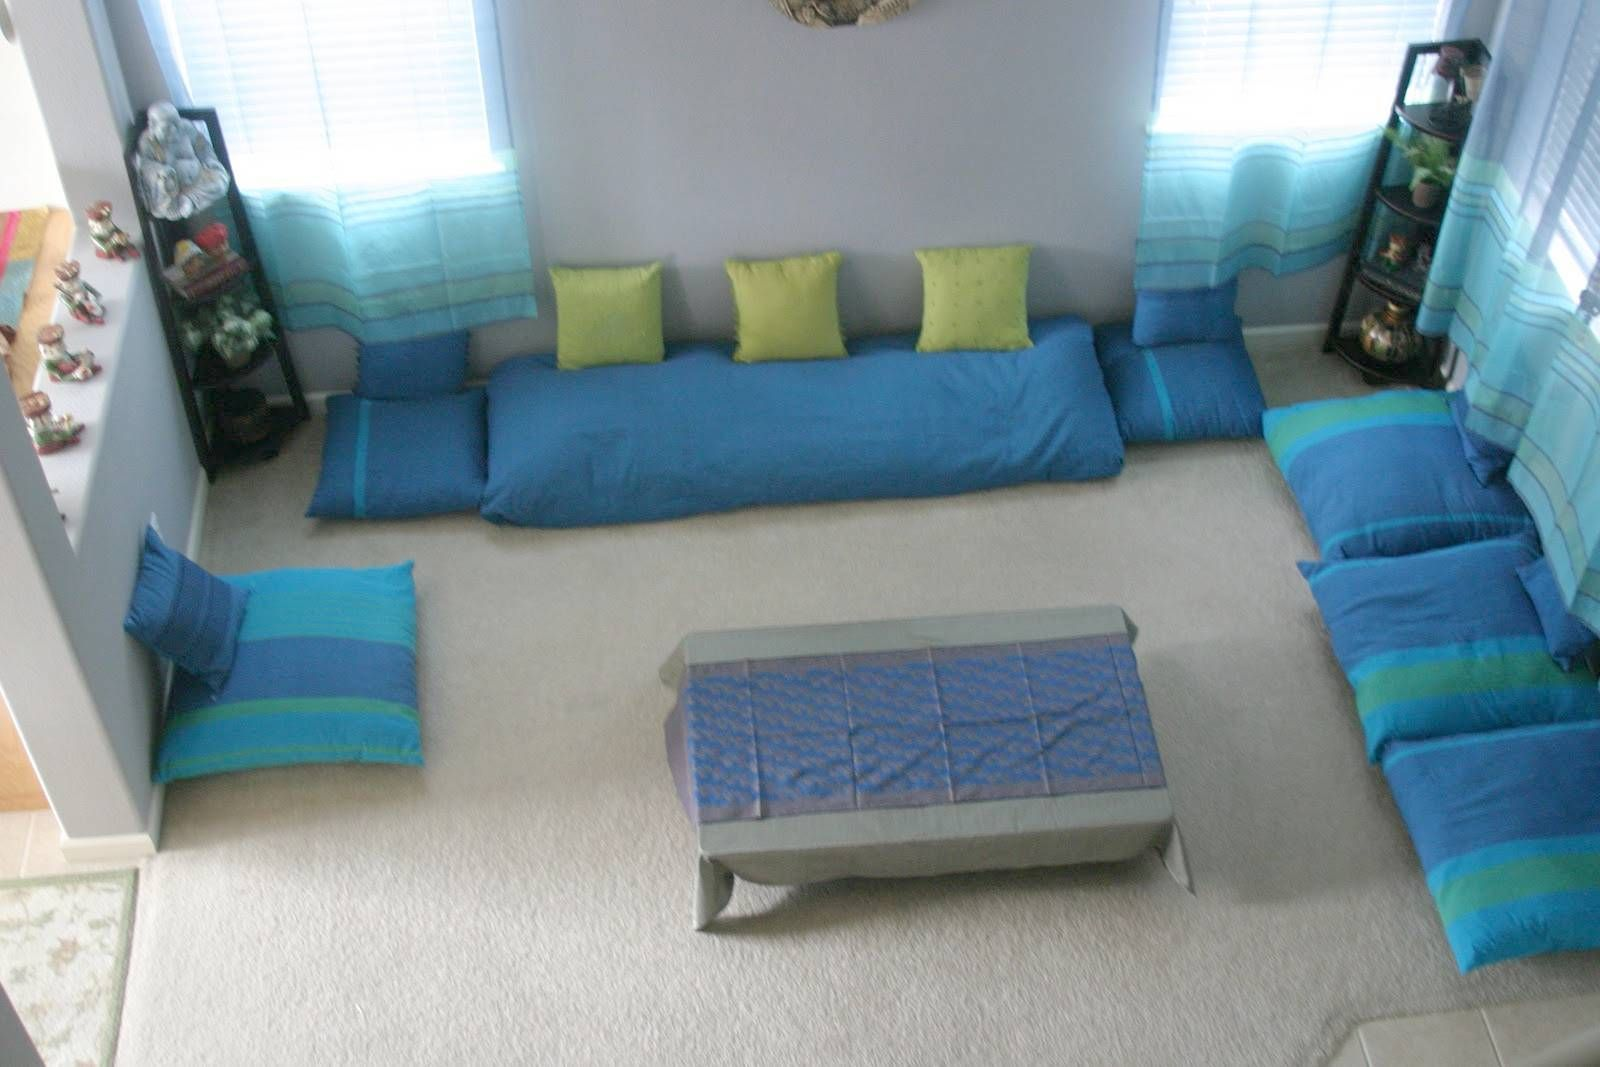 Hasil gambar untuk floor sitting cushion living room ...